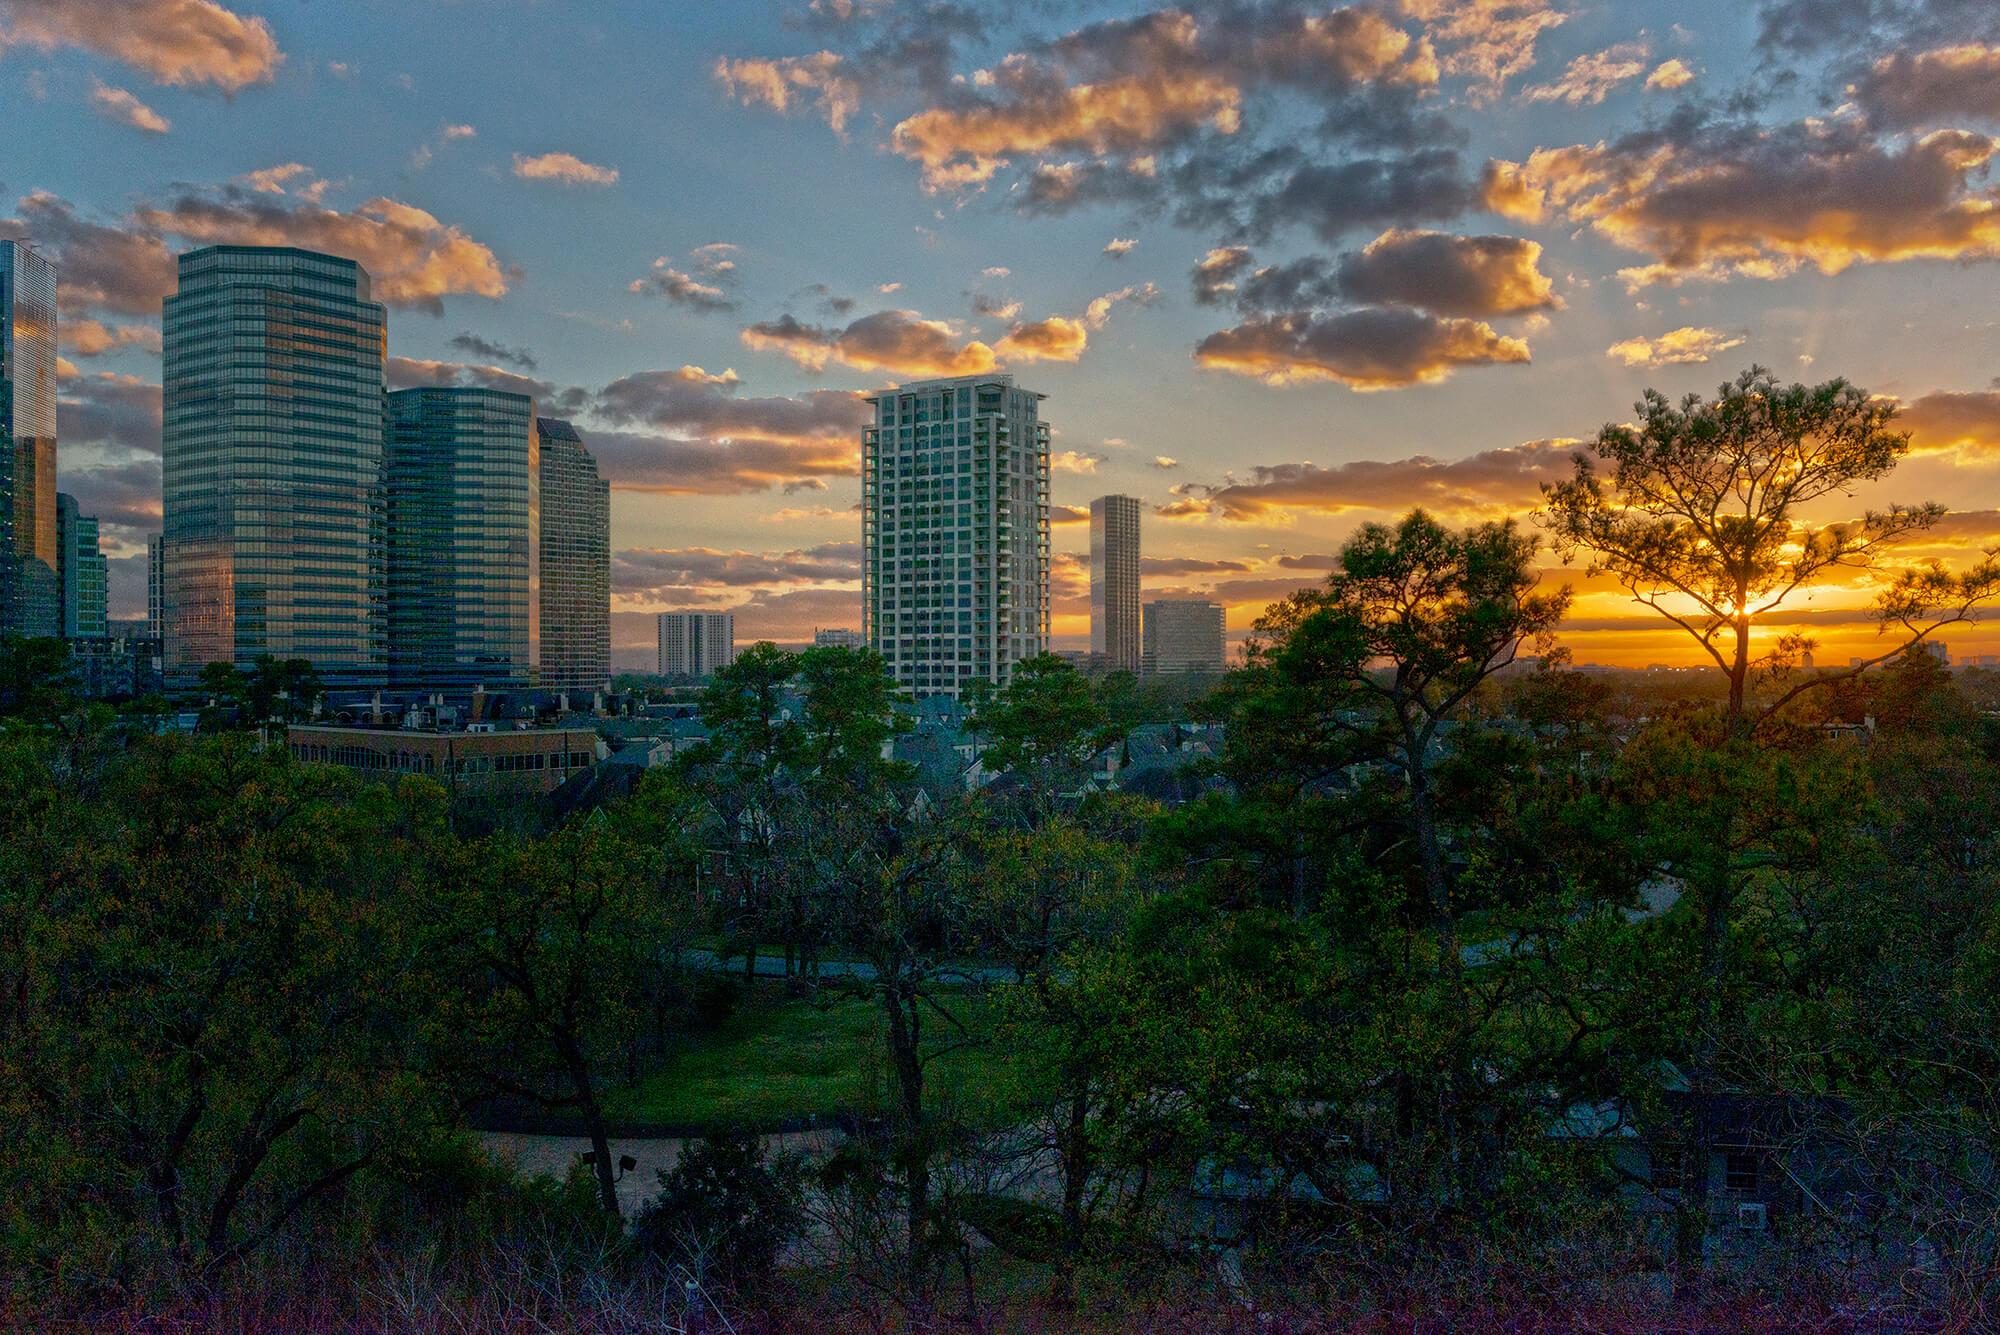 Uptown Park Sunset Belfiore High Rise